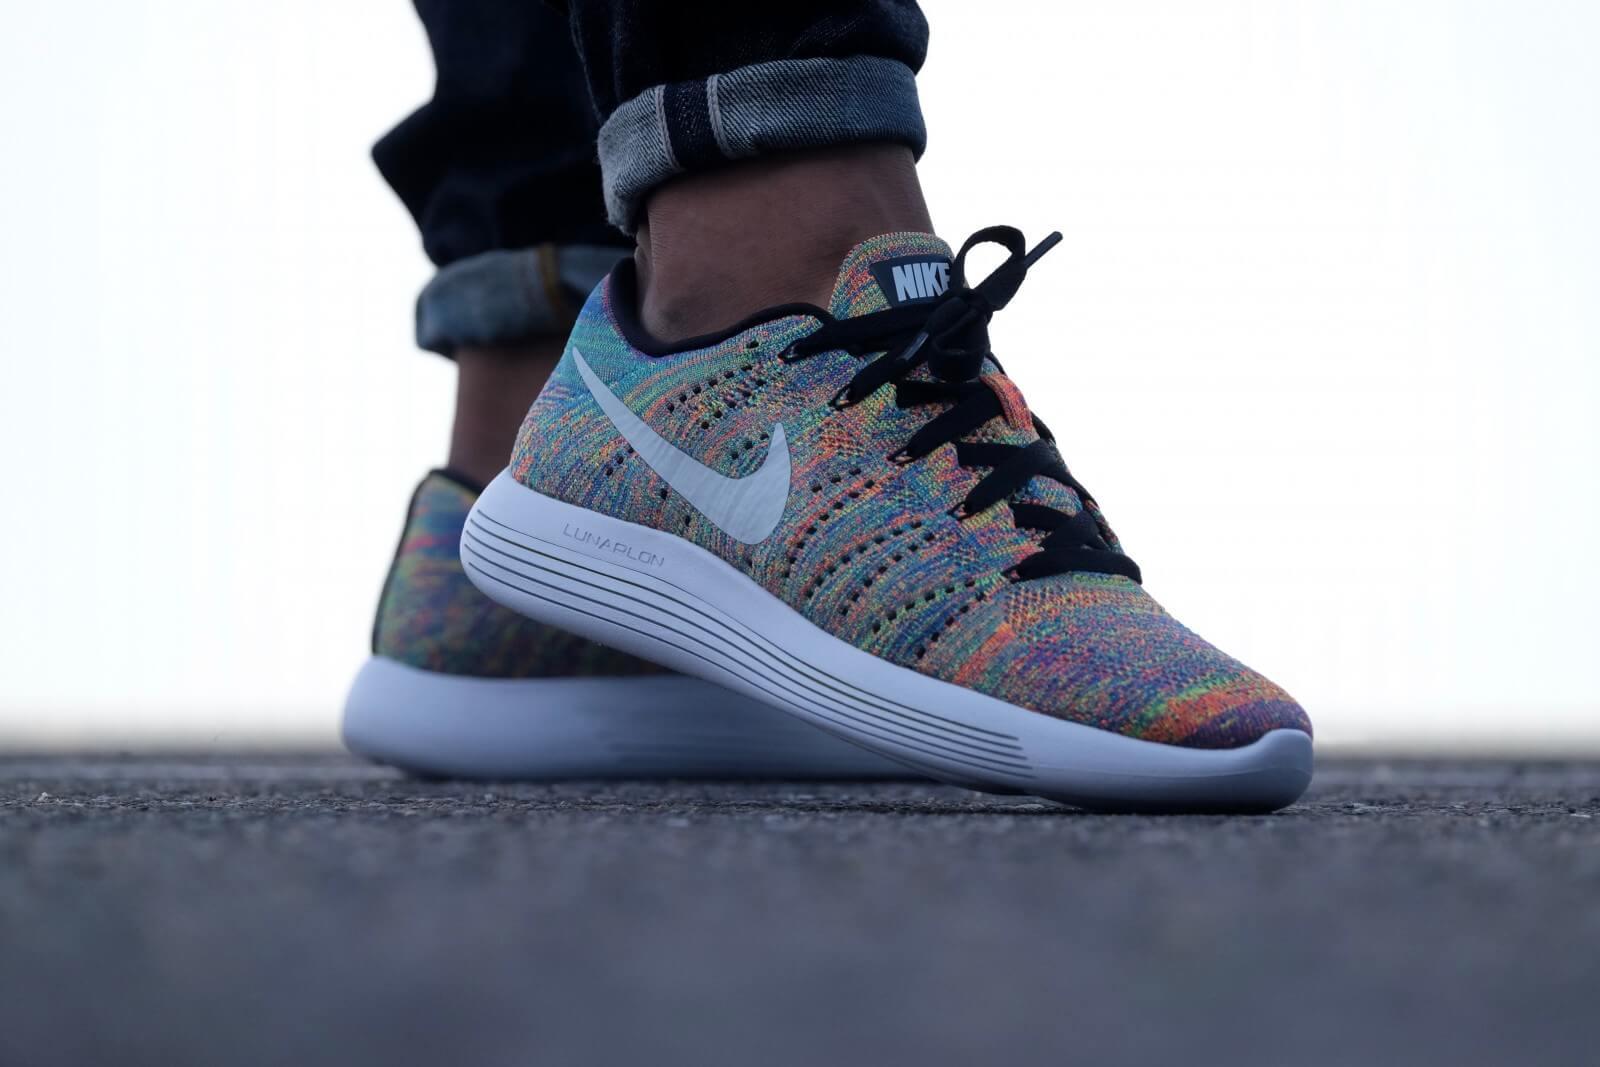 Nike Lunarepic low Flyknit Multicolor